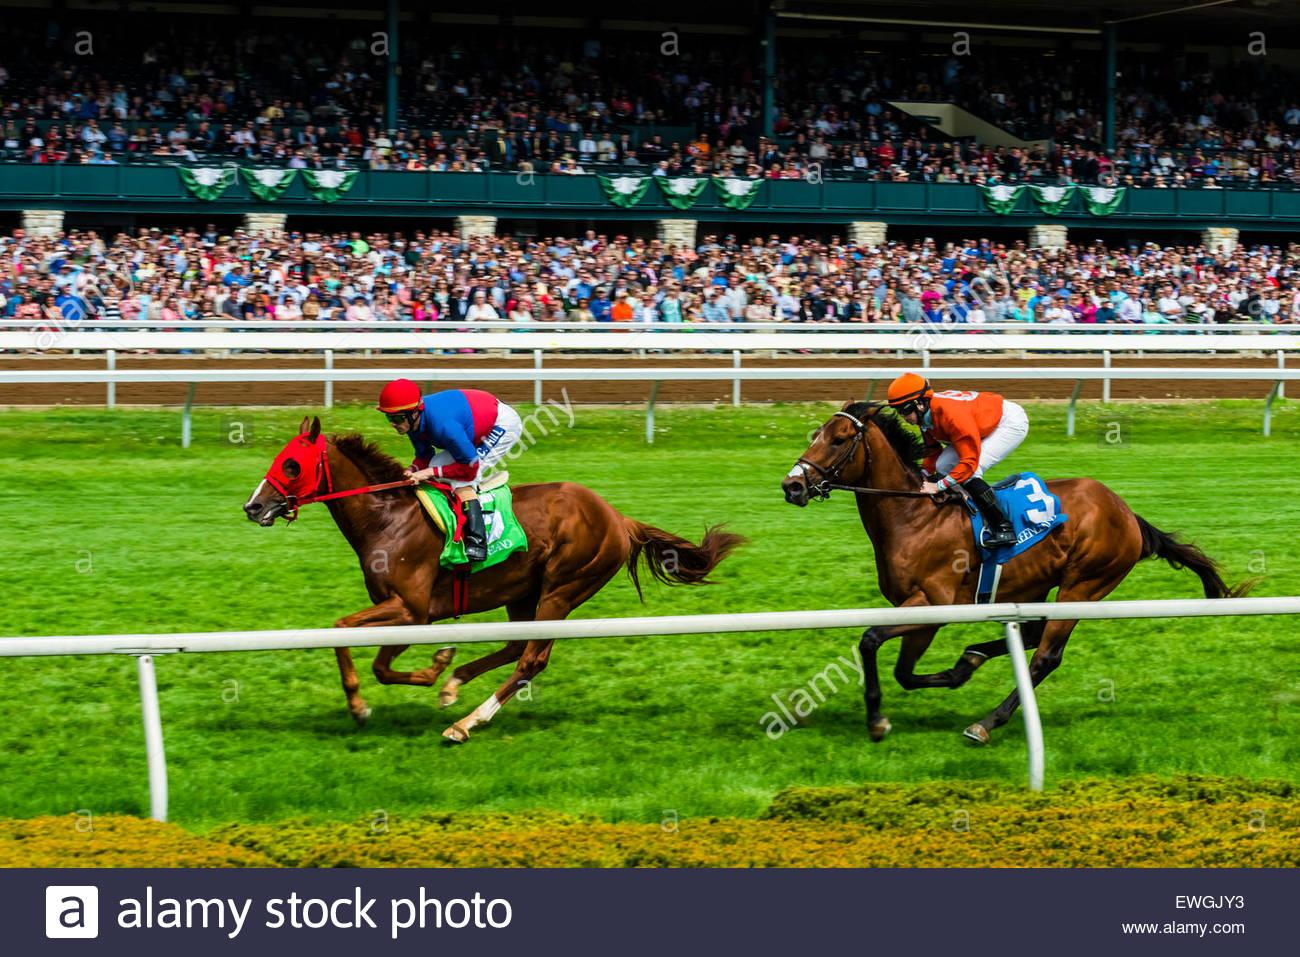 Las carreras de caballos en el Hipódromo Keeneland turf pista en Lexington, Kentucky, Estados Unidos. Imagen De Stock